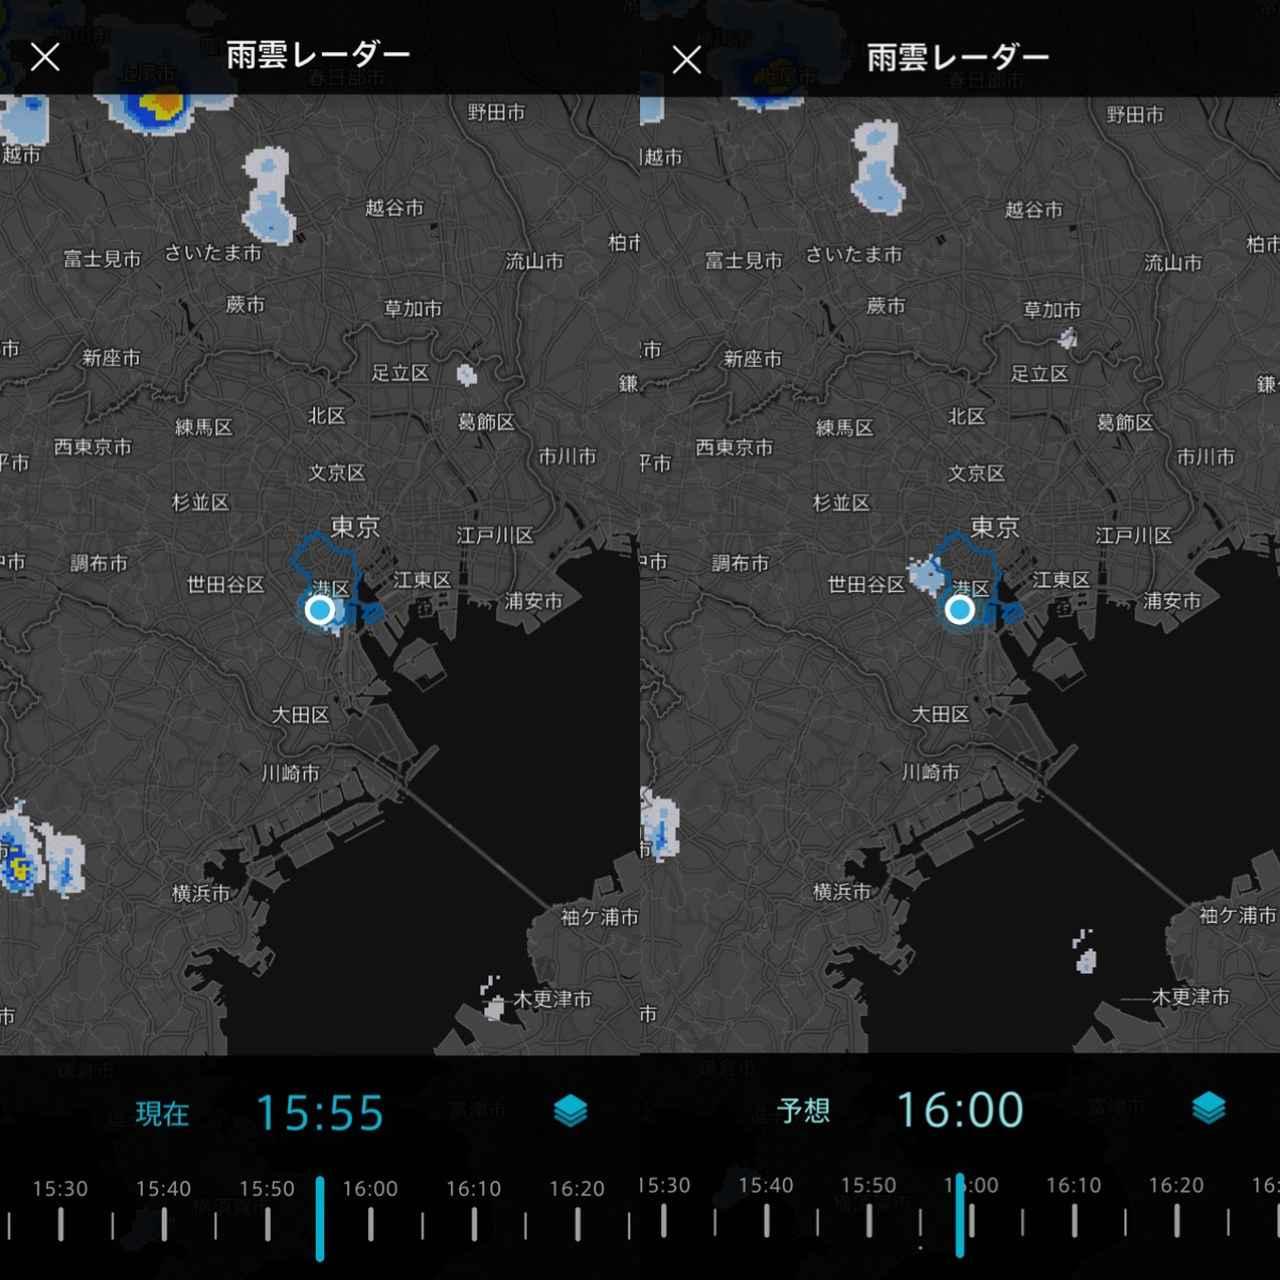 画像4: 今いる場所の状況はこのアプリで。通知を危険度で送り分けてくれる便利アプリ。